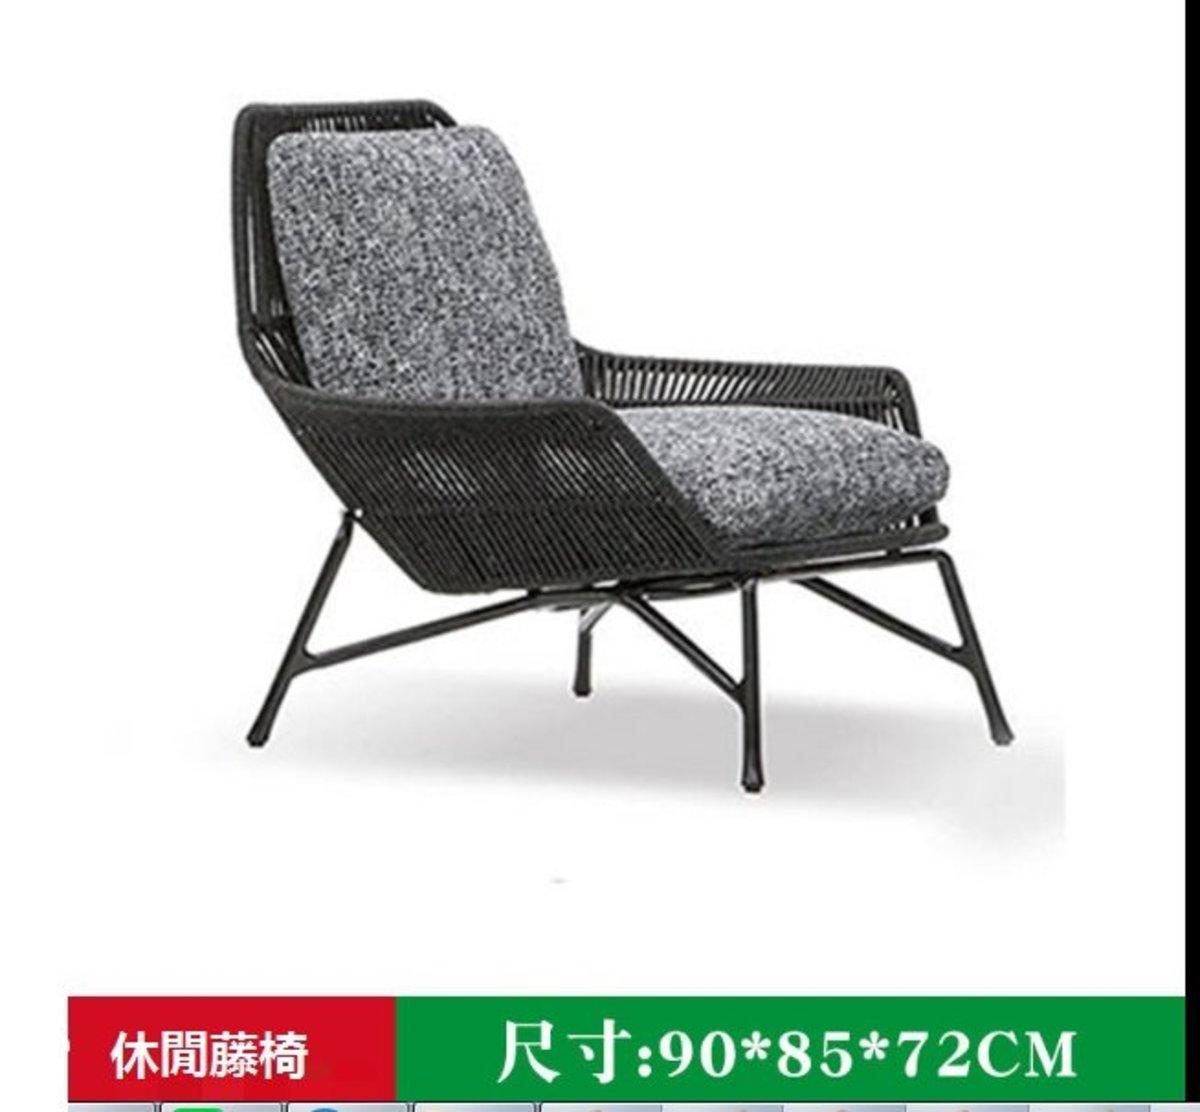 花園陽台北歐藤躺床(休閒藤椅:尺寸90*85*72CM)